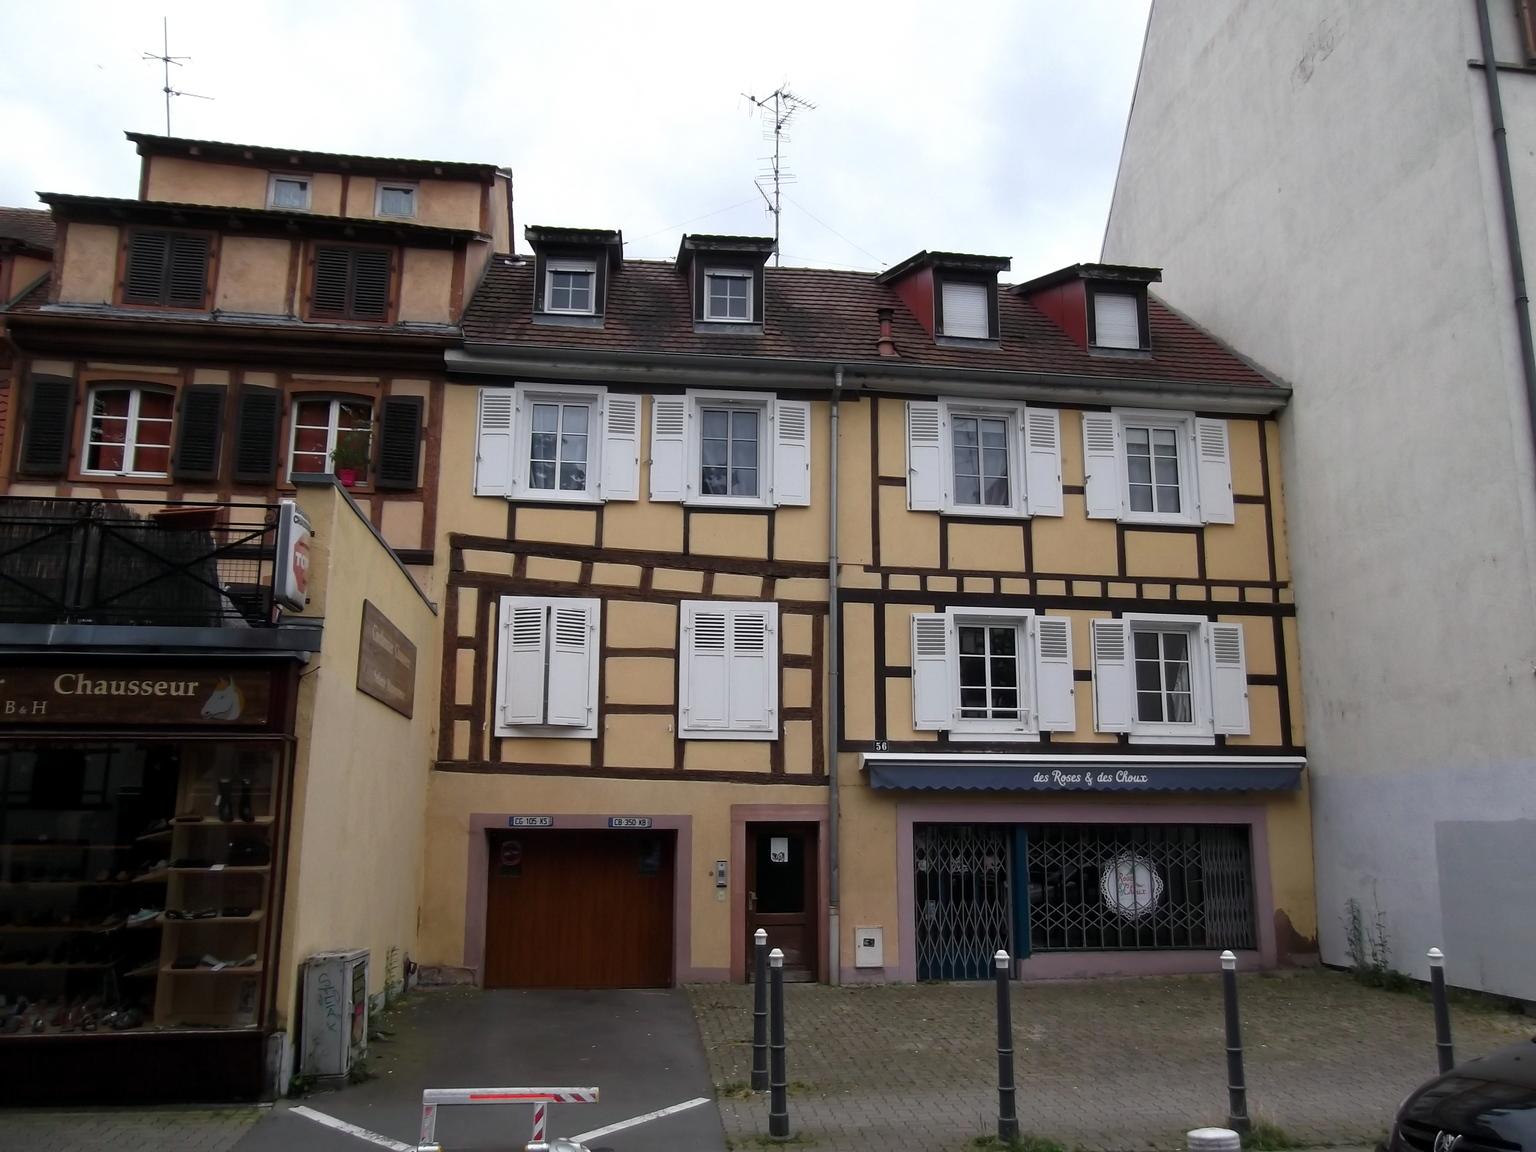 Le Jardin De Saint Adrien Best Of Maisons De Strasbourg Résultats De Recherche 27 Quai Des